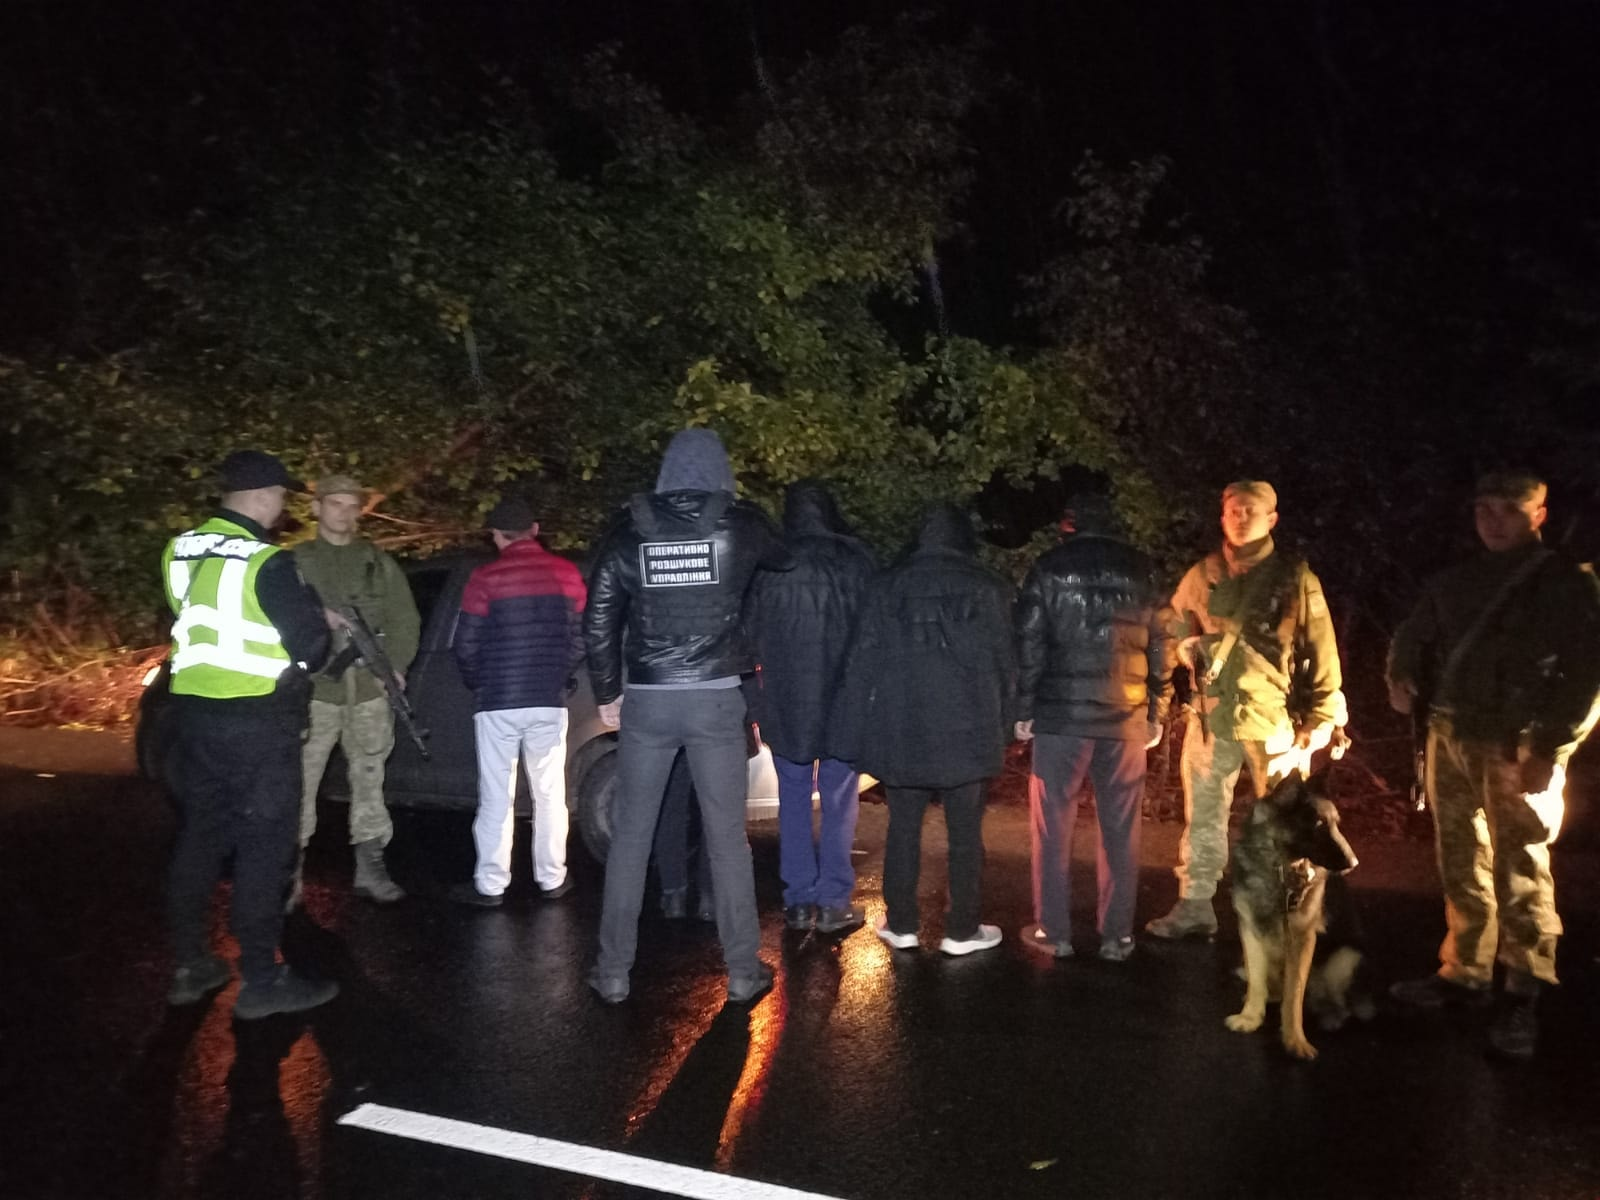 Закарпатські прикордонники затримали групу нелегалів з Узбекистану разом з переправником